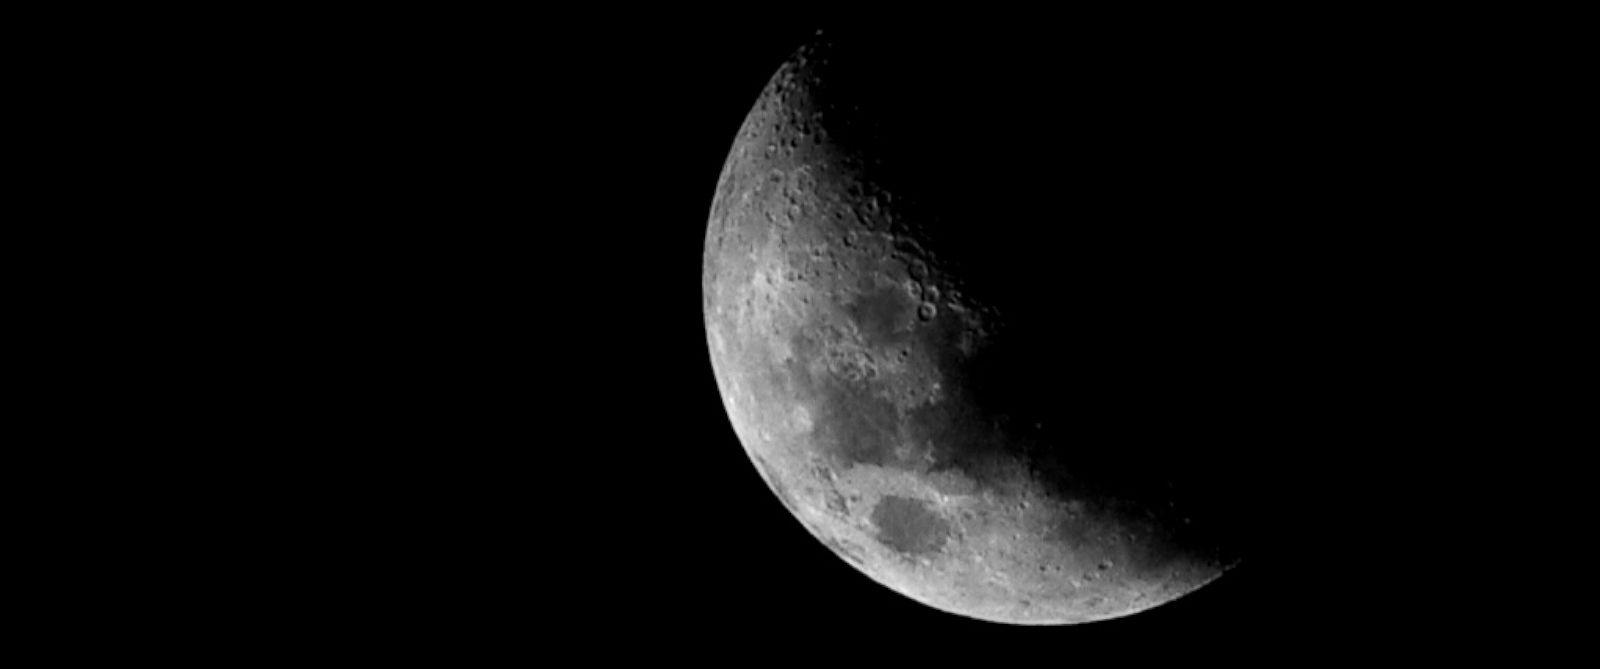 apollo outer space - photo #42